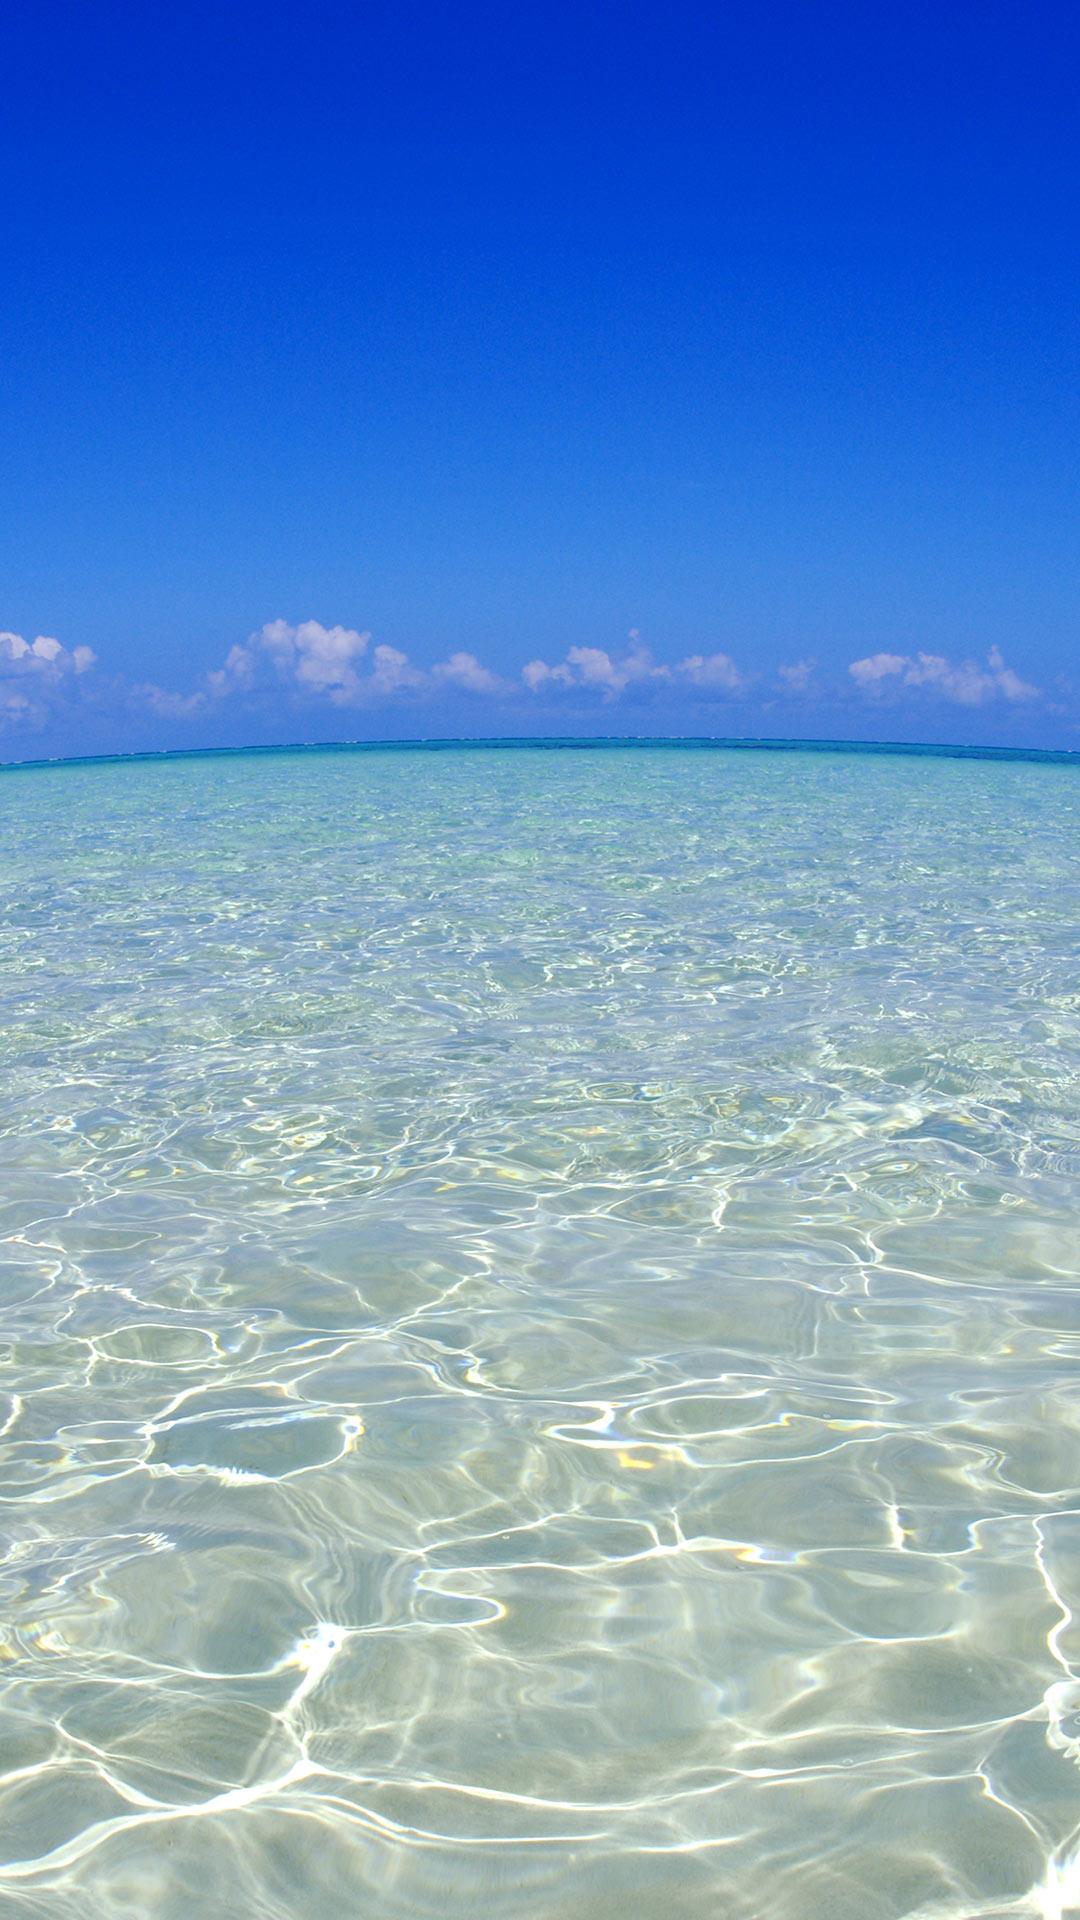 海の無料待ち受け画像 スマホ壁紙 Iphone Android 1 待ち受けparadise